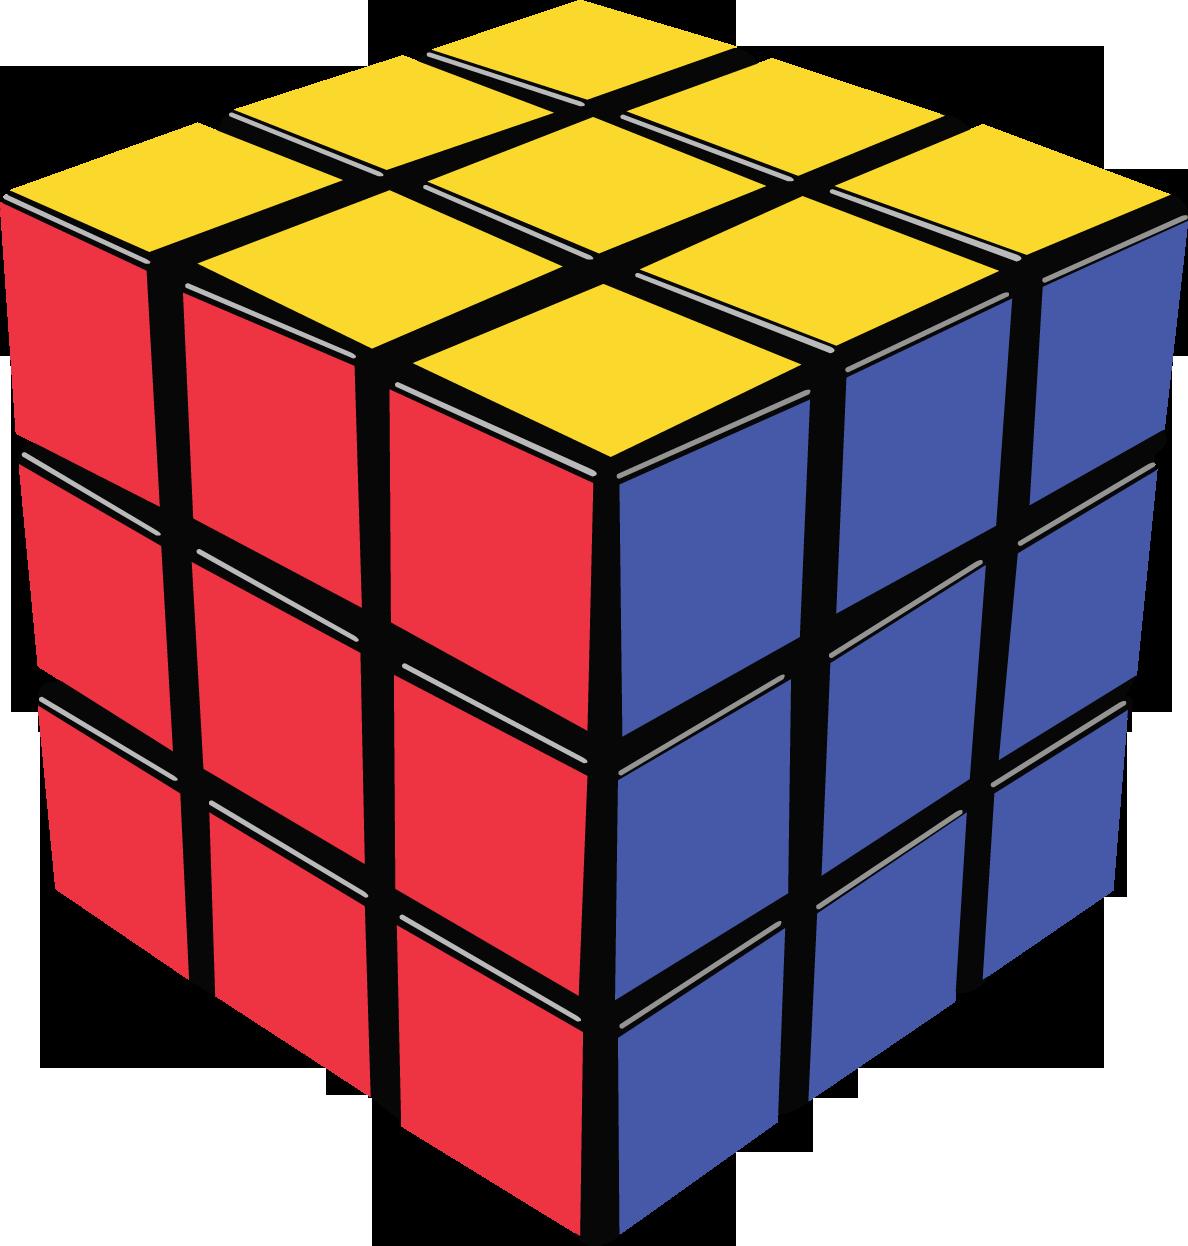 Rubik S Cube Png.